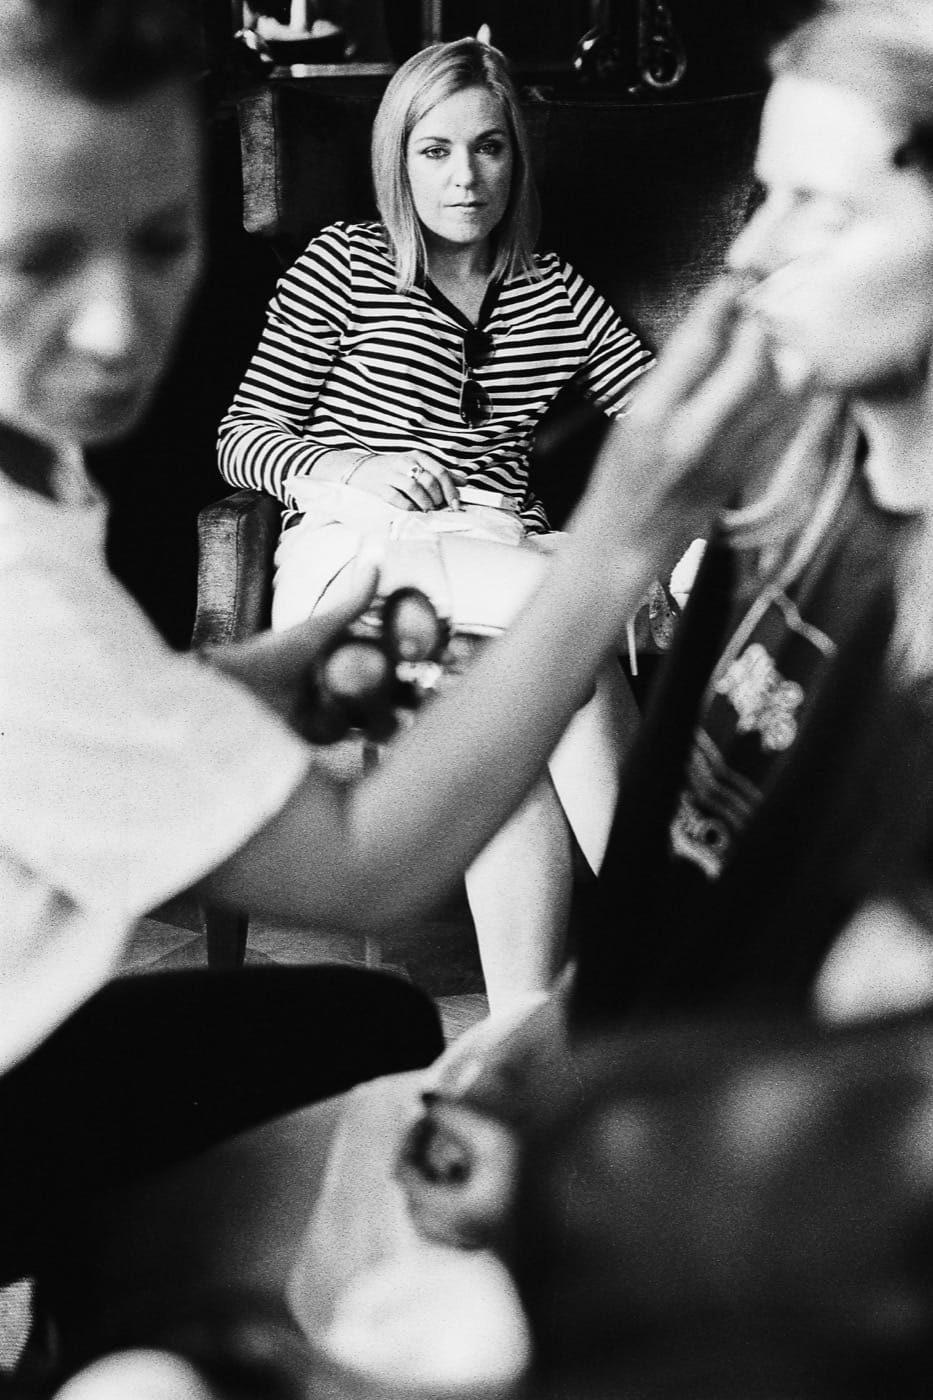 maciej sobol fotograf slubny krakow fotografia slubna na kliszy analogowe zdjecia slubne Maciej Sobol Brzesko Małopolska Kraków fotograf 90 933x1400 - Gosia & Kuba - Analogowo - [Pałac Goetz, Brzesko]